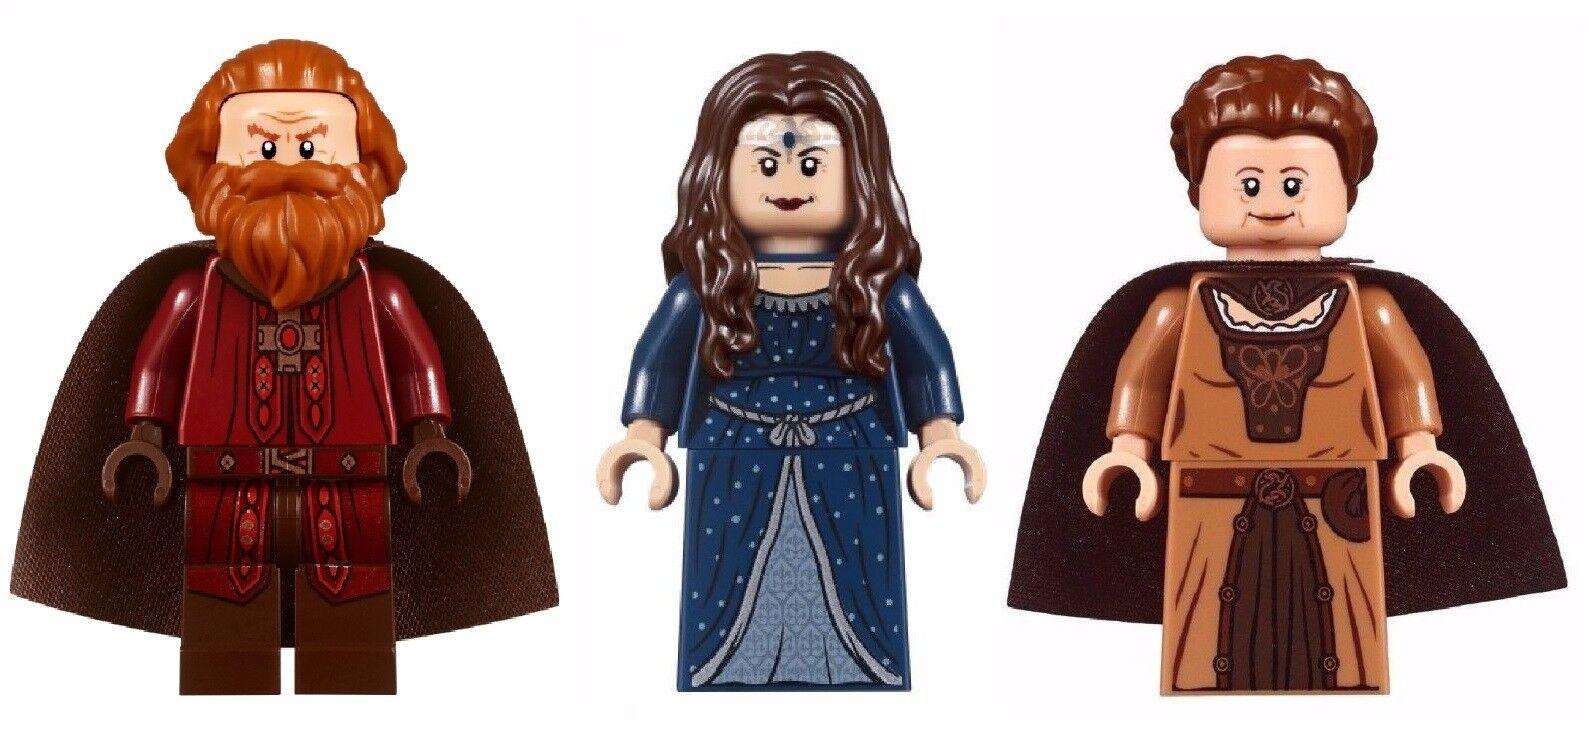 Lego Harry Potter 71043 Godric Helga Hufflepuff & Rowena Ravenclaw Minifigures